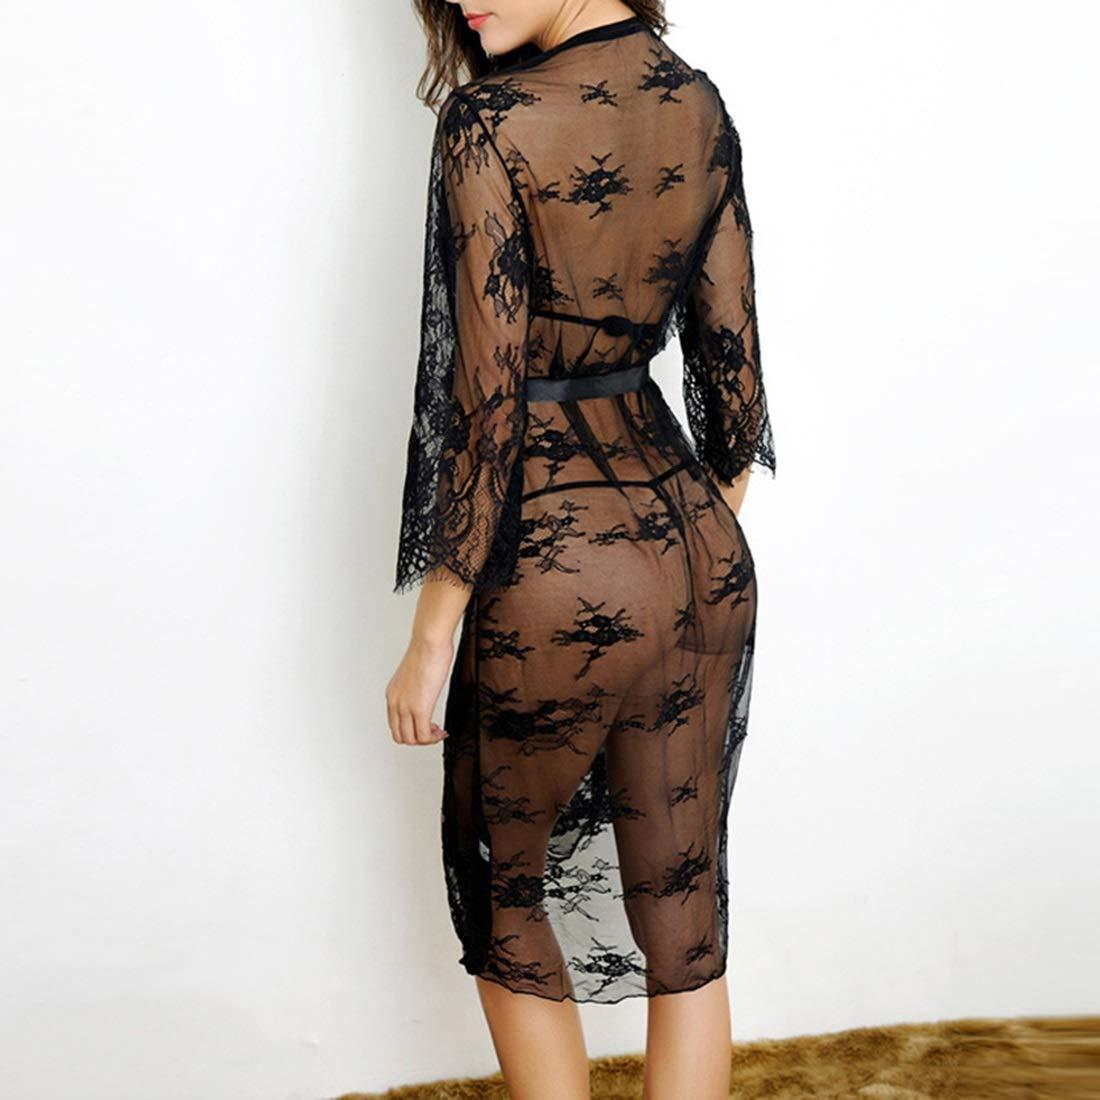 JOYIYUAN Señoras Delanteras Negras de Encaje Pijamas de Encaje Atractivos Vendajes Atractivos Encaje Vestidos Largos de Noche de Tres Piezas Un tamaño M a13639